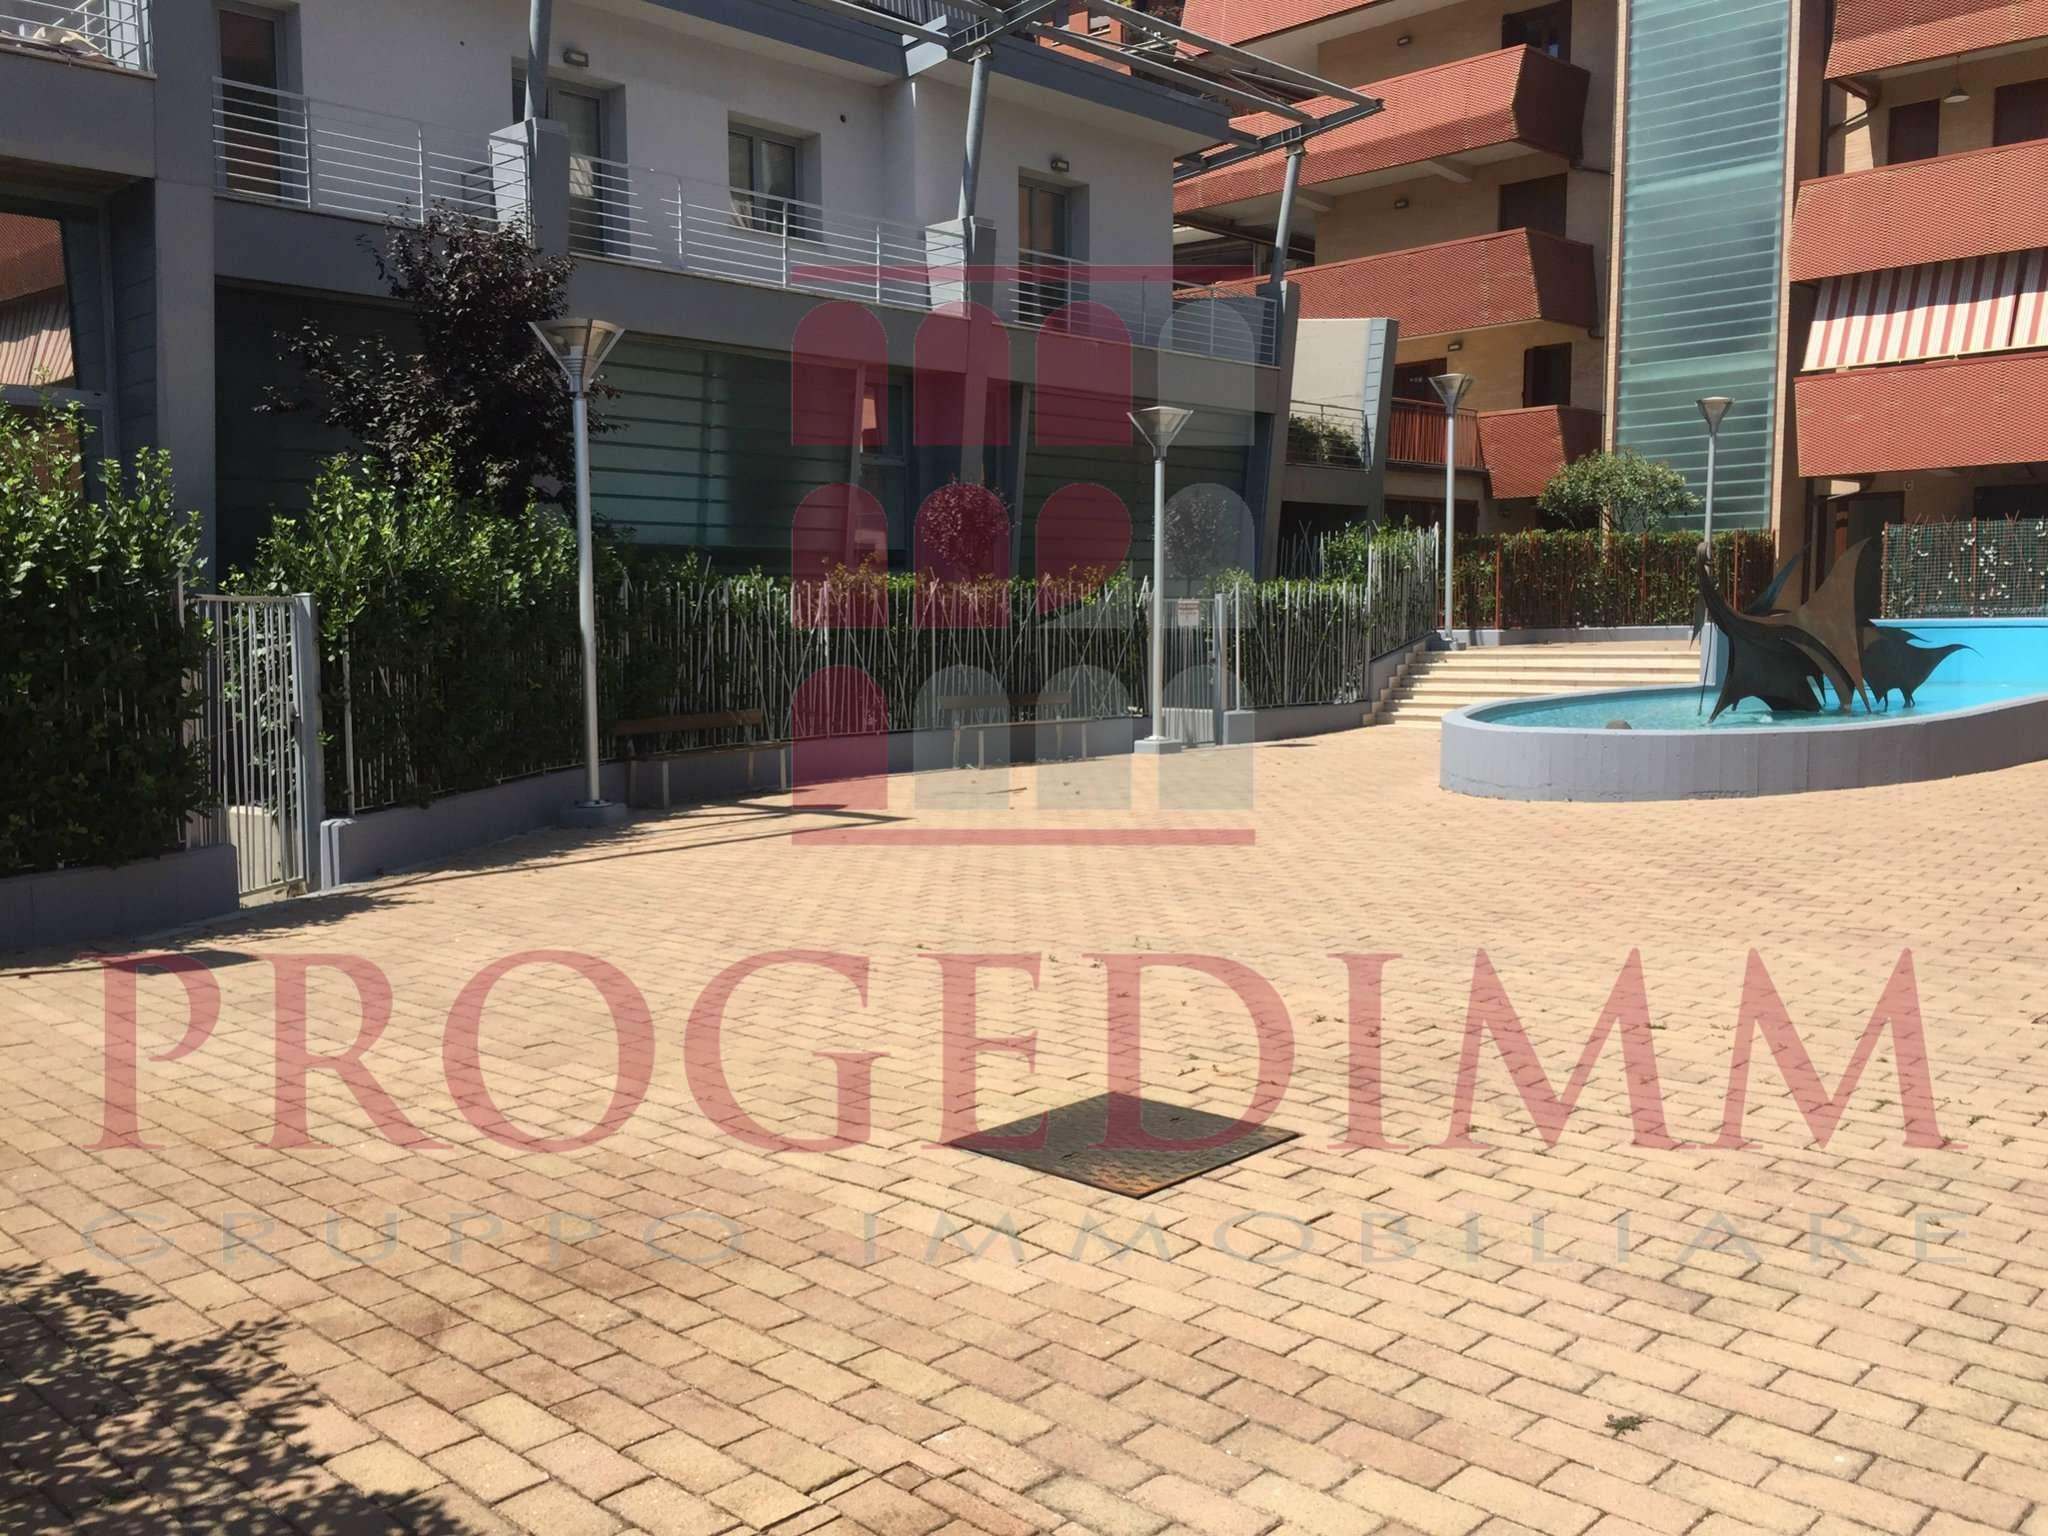 Appartamento in vendita a Roma, 3 locali, zona Zona: 27 . Aurelio - Boccea, prezzo € 235.000 | CambioCasa.it